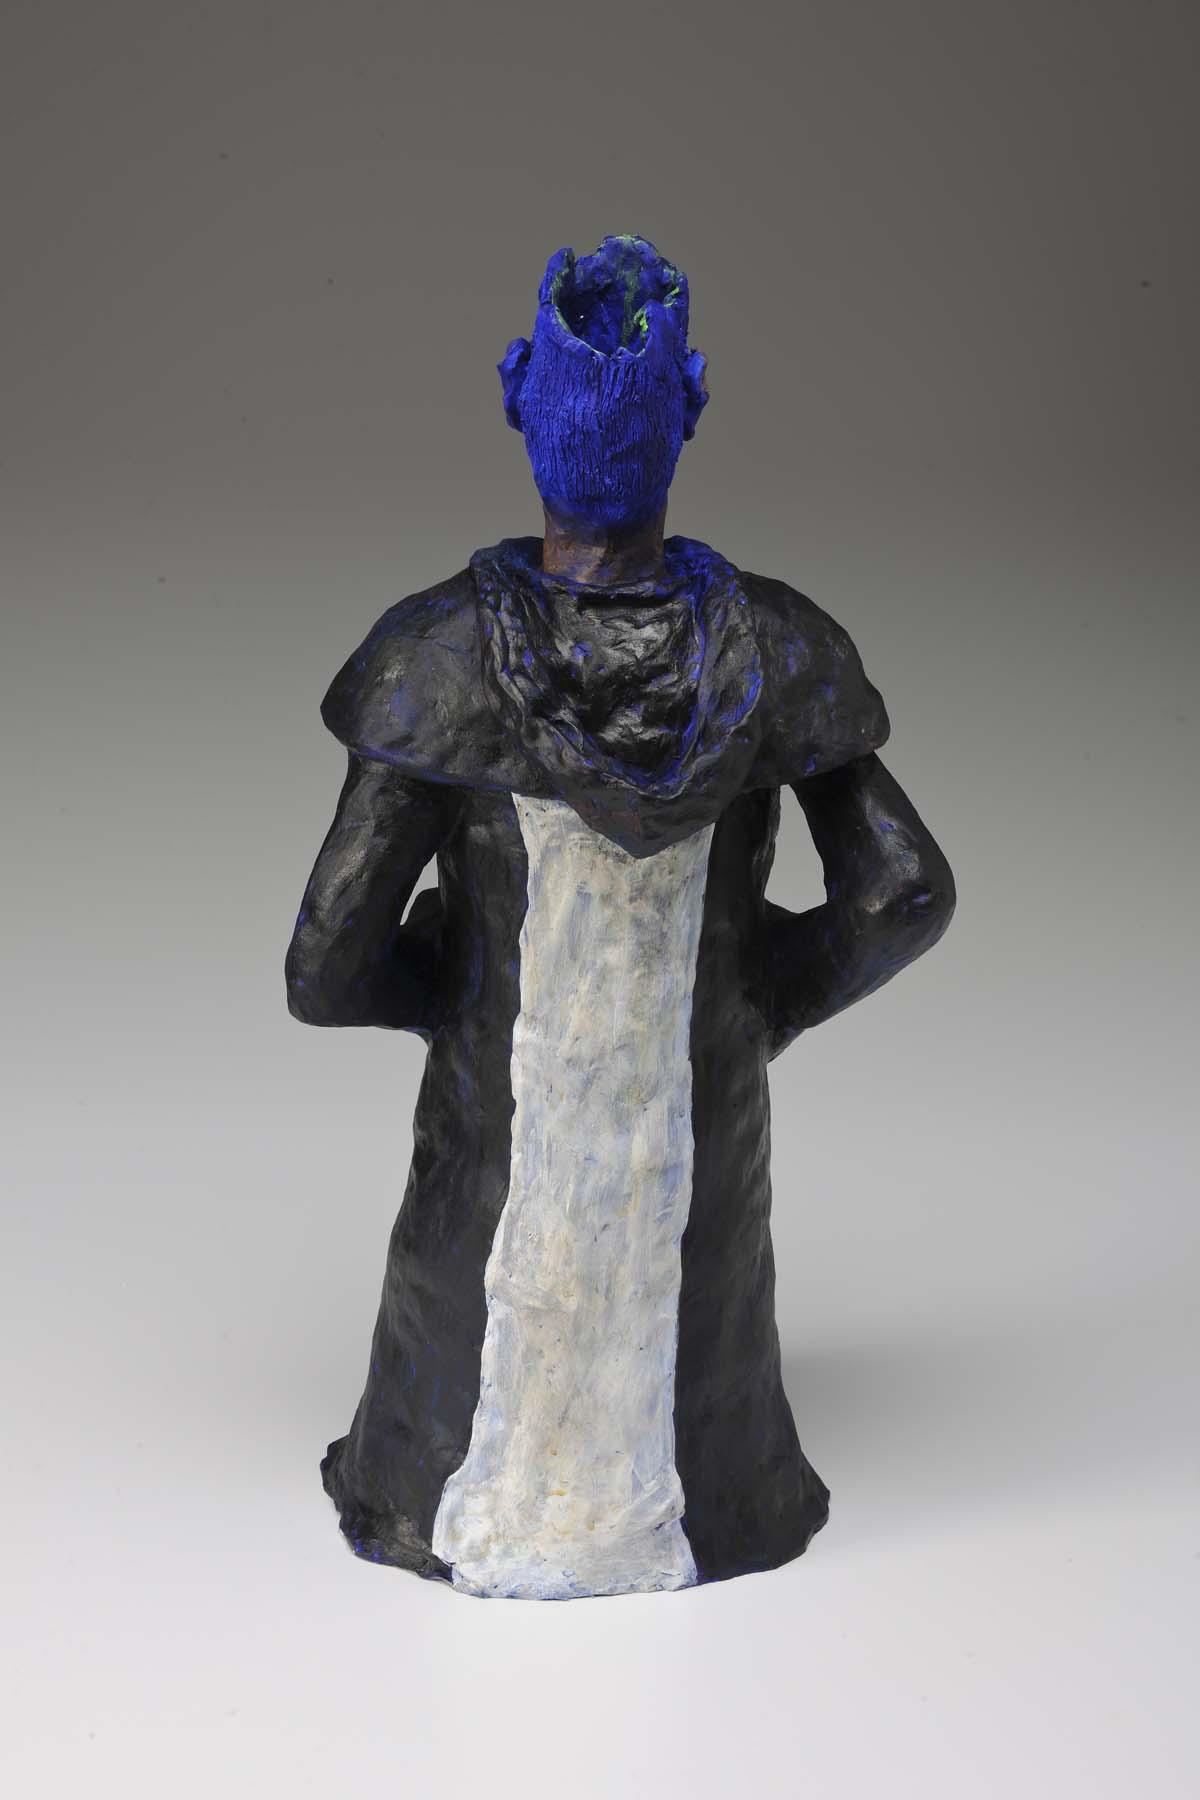 Meister_Eckhart_by_Sybil_Archibald_Bf_1200-sculpture.jpg